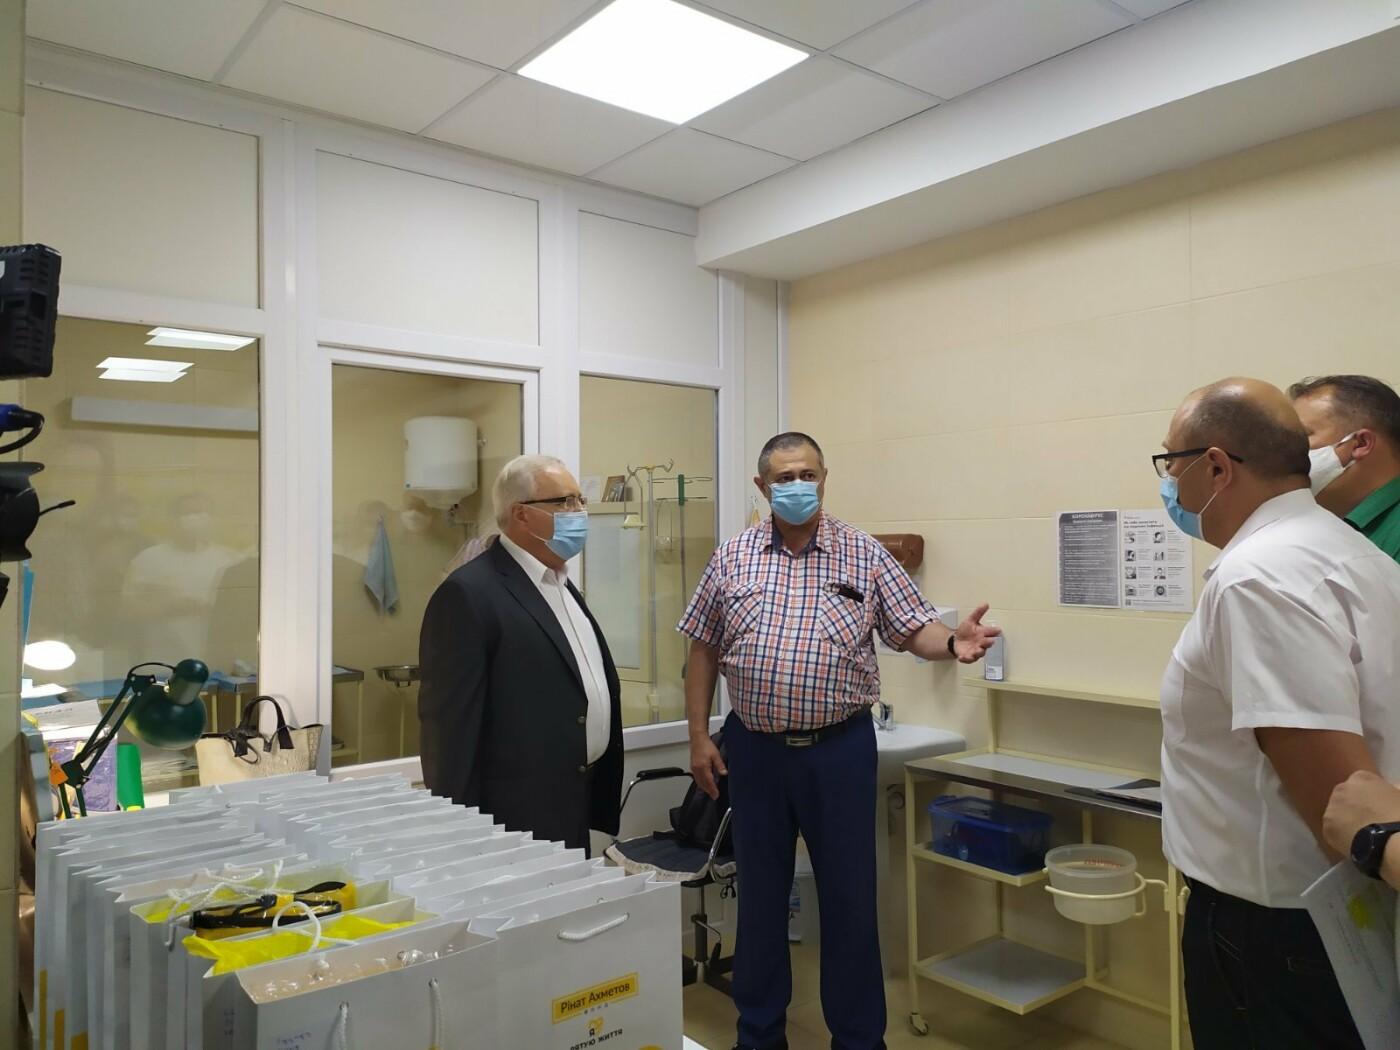 Юрій Вілкул: Ми мобілізували всі ресурси для захисту криворіжців та допомоги медикам у боротьбі з вірусом. Криворізькі лікарні продовжують..., фото-7